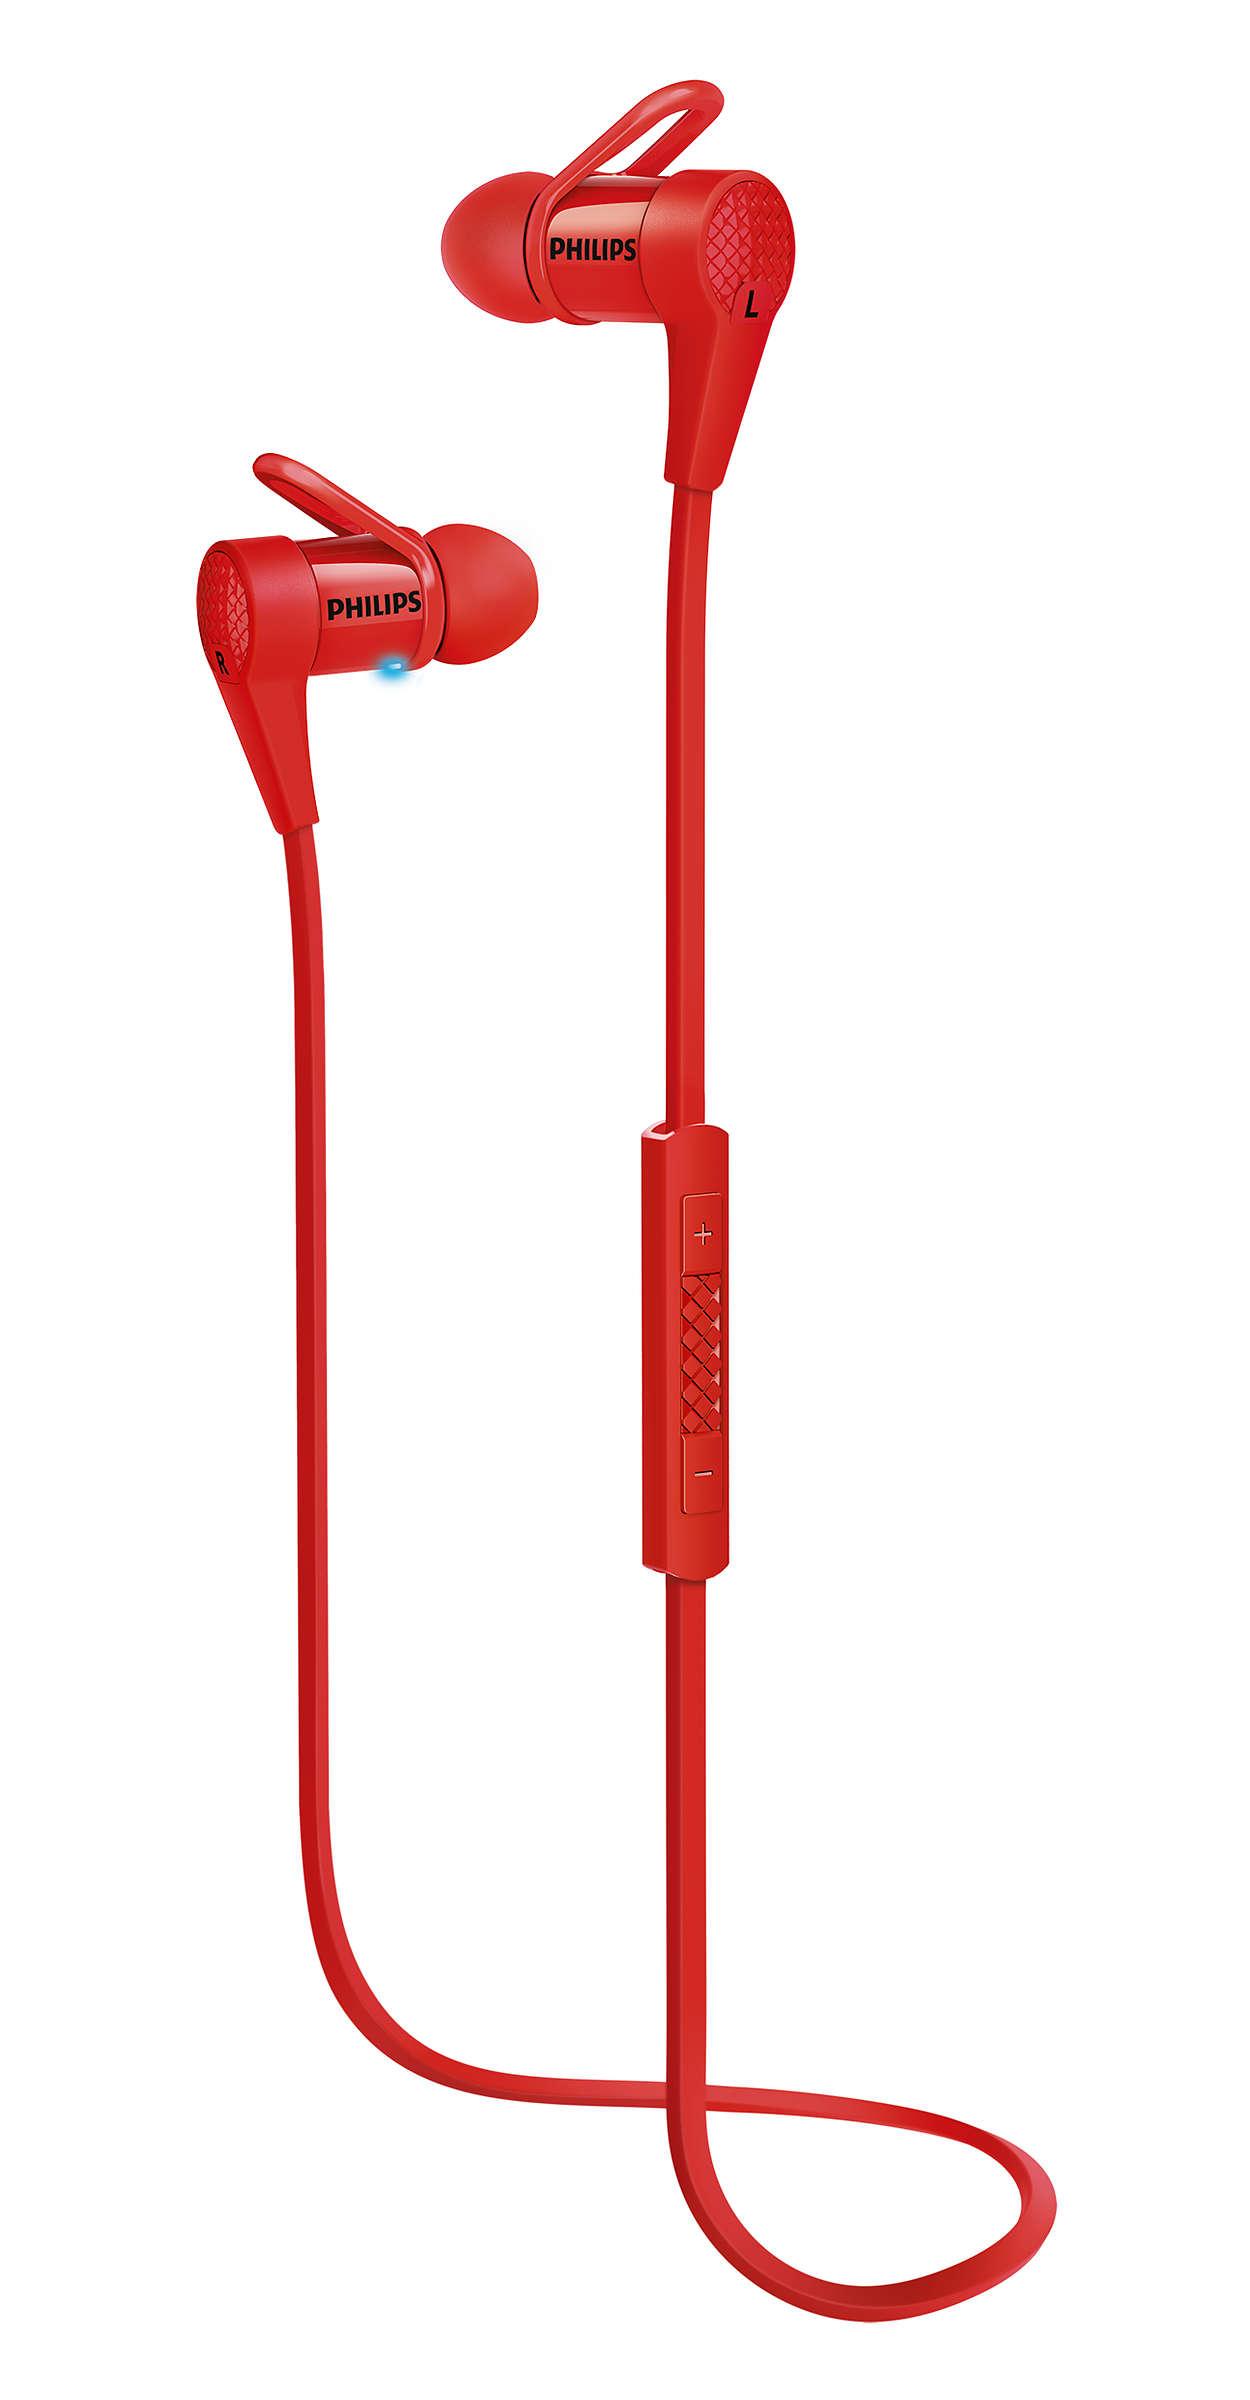 無線入耳式耳機,設有 NFC 配對功能